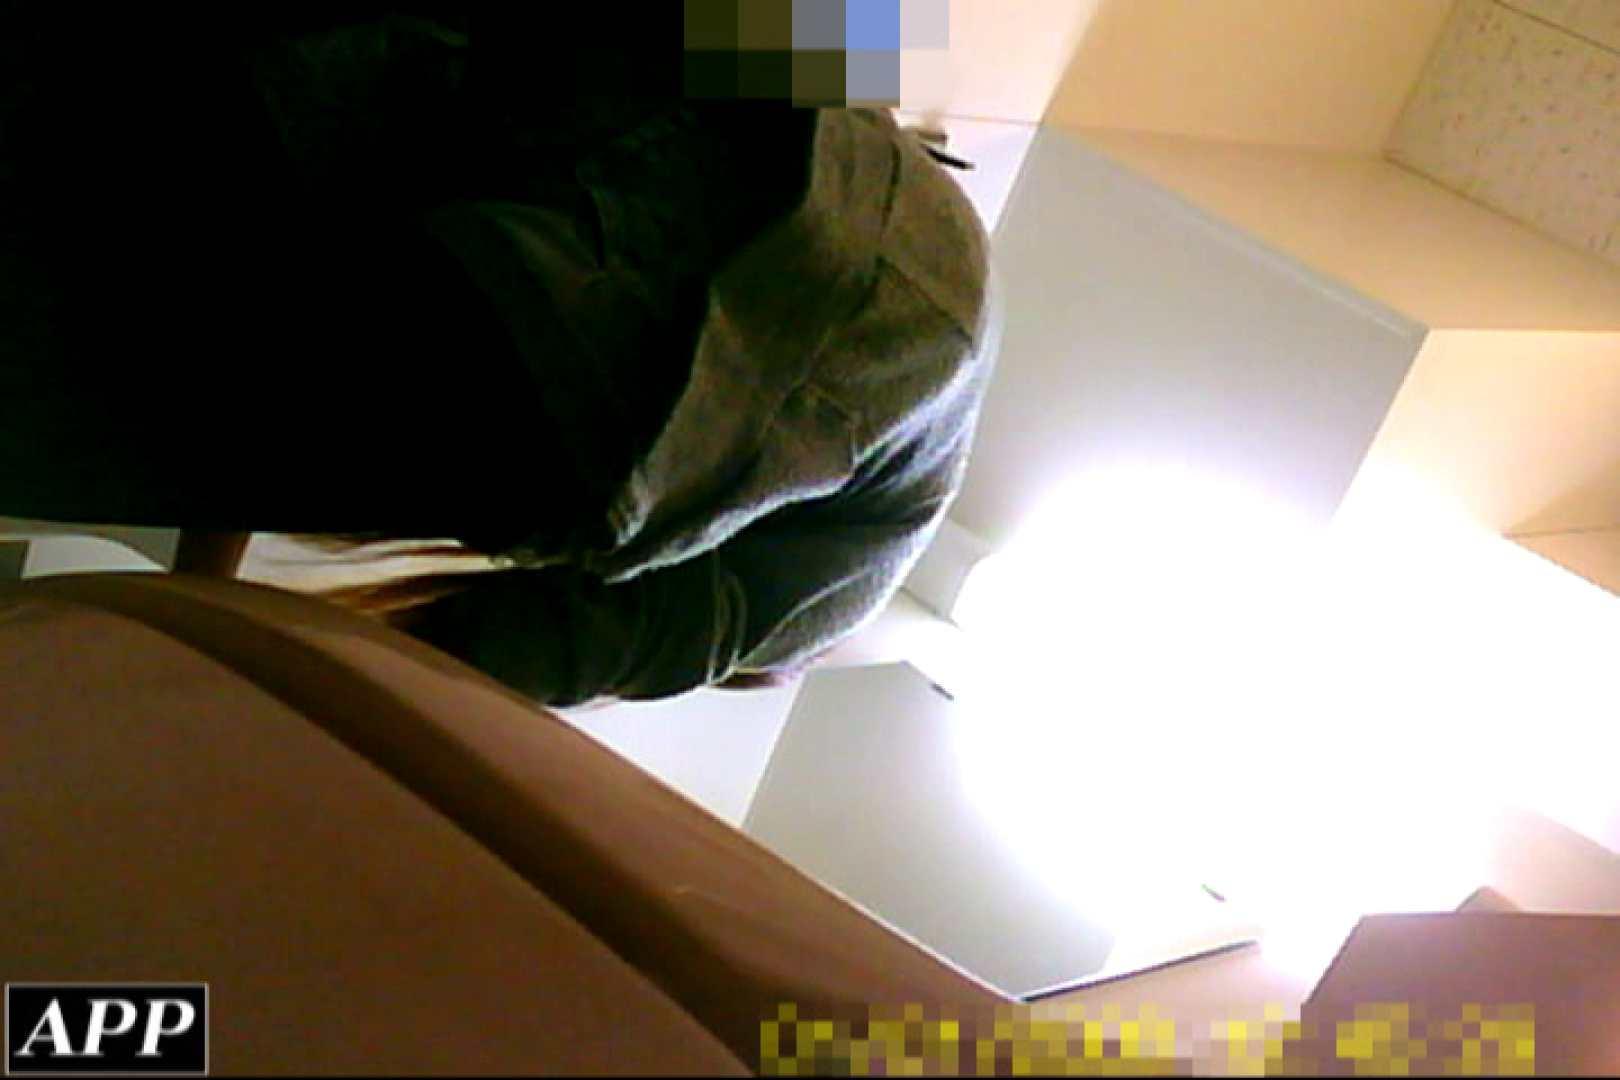 3視点洗面所 vol.16 オマンコ大好き エロ画像 61画像 33